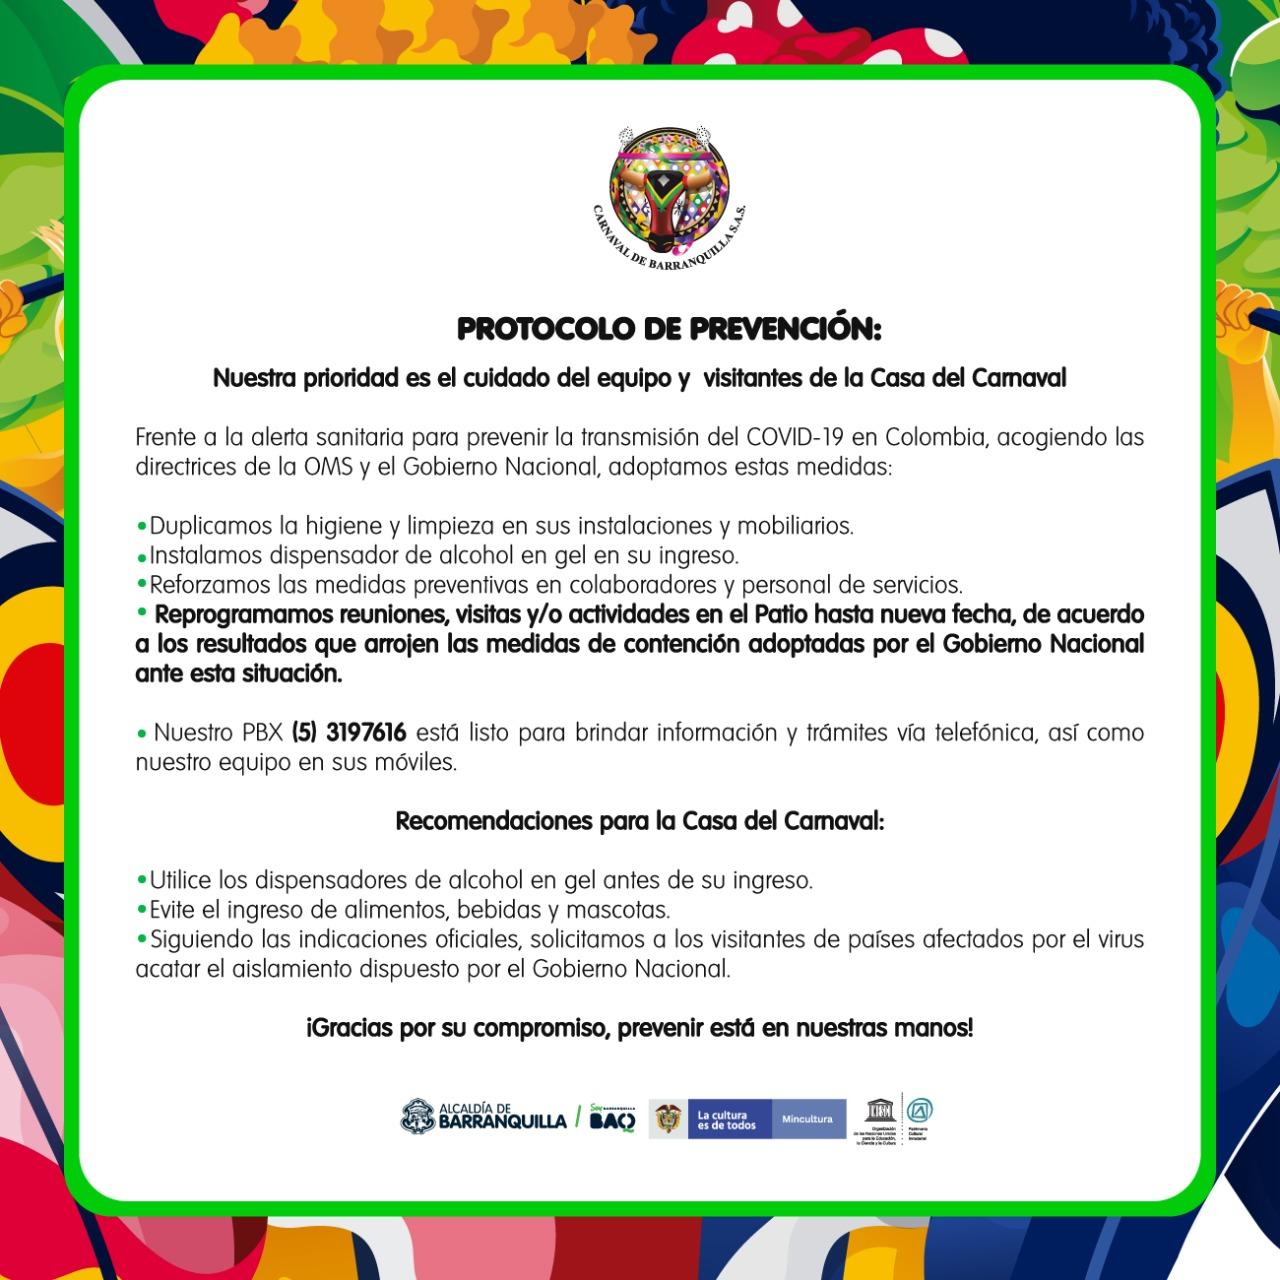 PROTOCOLO DE PREVENCIÓN CASA DEL CARNAVAL DE BARRANQUILLA